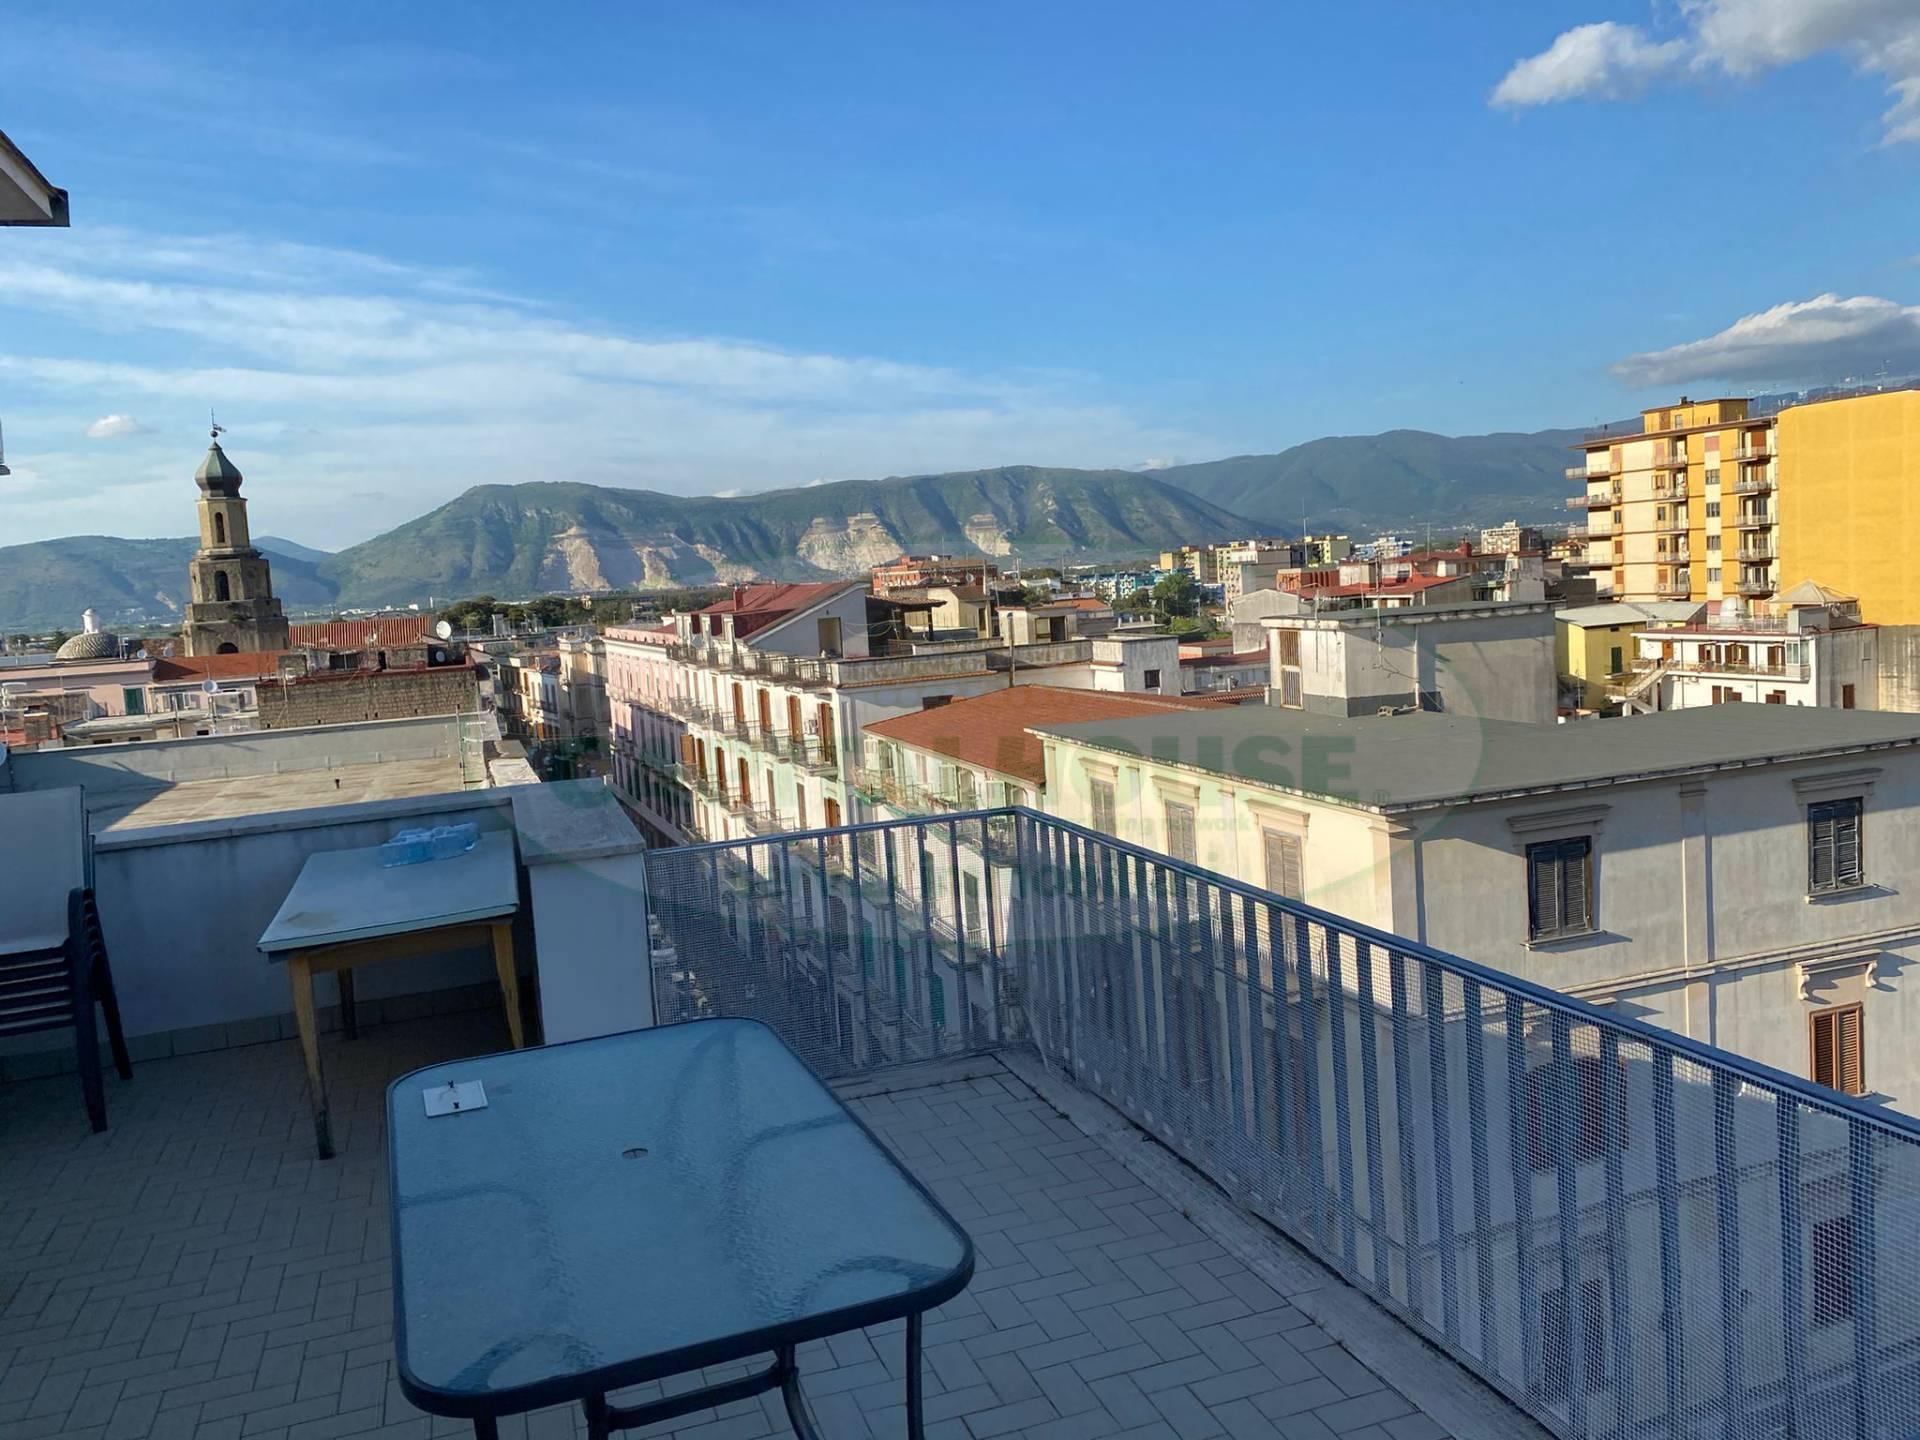 Appartamento in vendita a Marigliano, 2 locali, prezzo € 75.000 | PortaleAgenzieImmobiliari.it